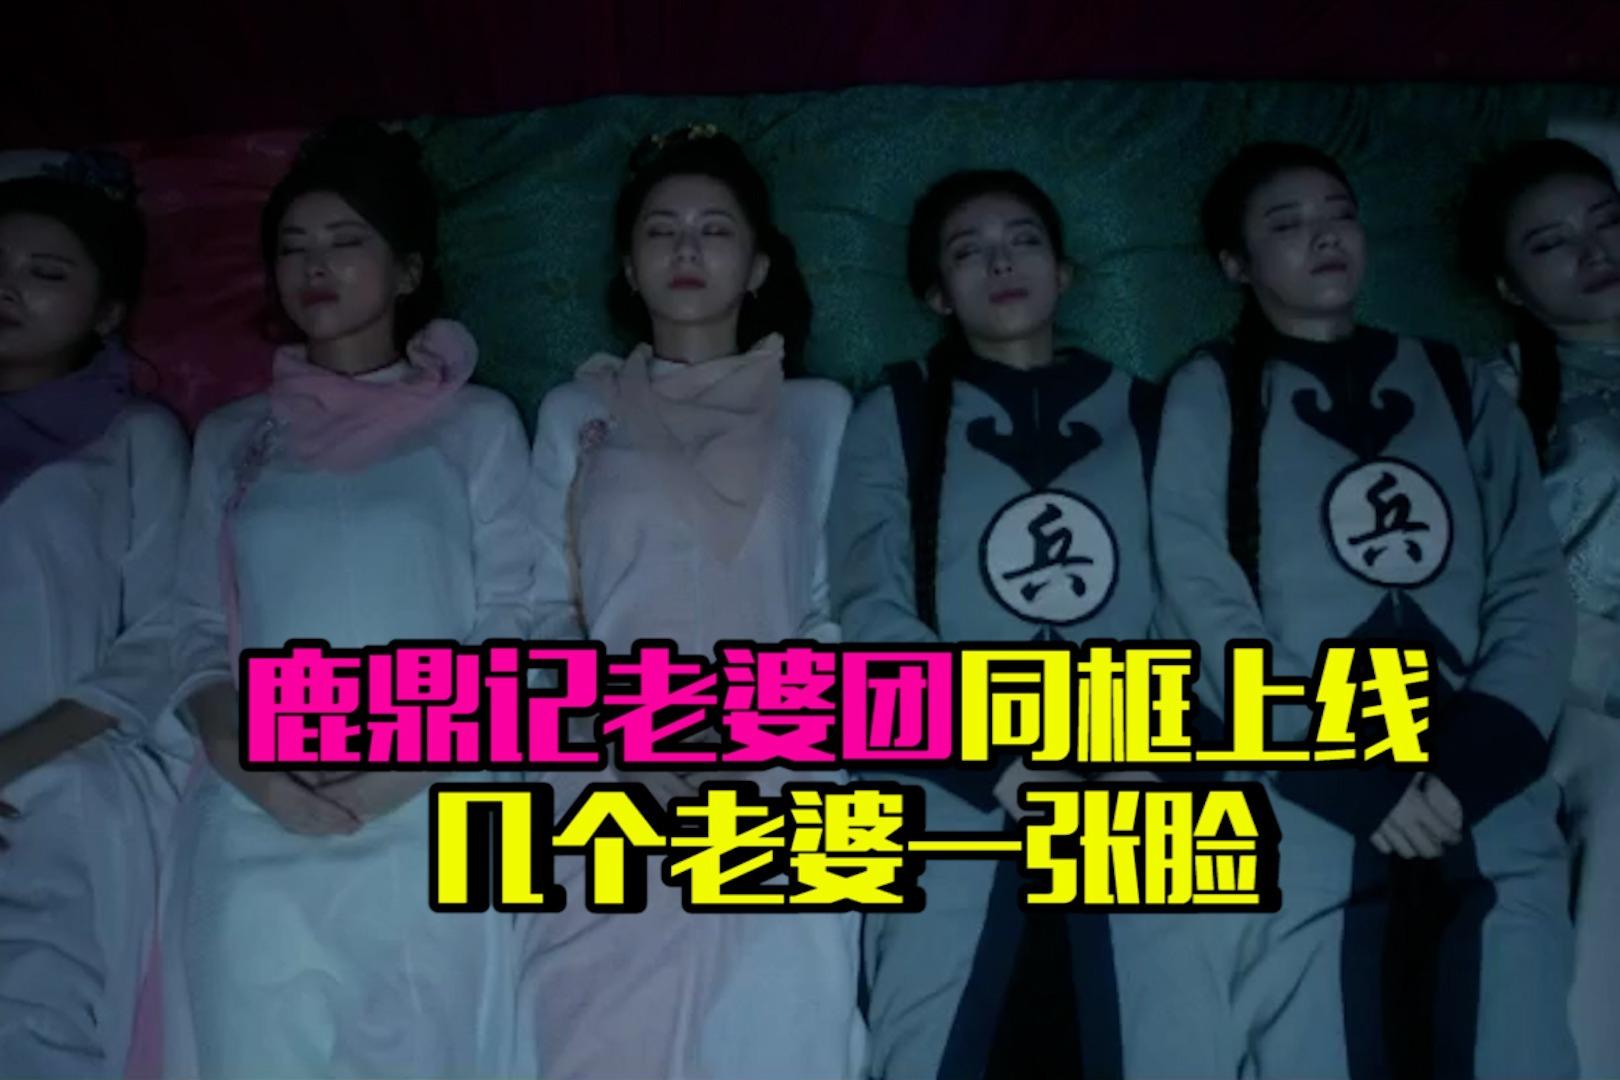 韦小宝老婆团同时上线,6人躺一排姿势一模一样,网友:分不清脸